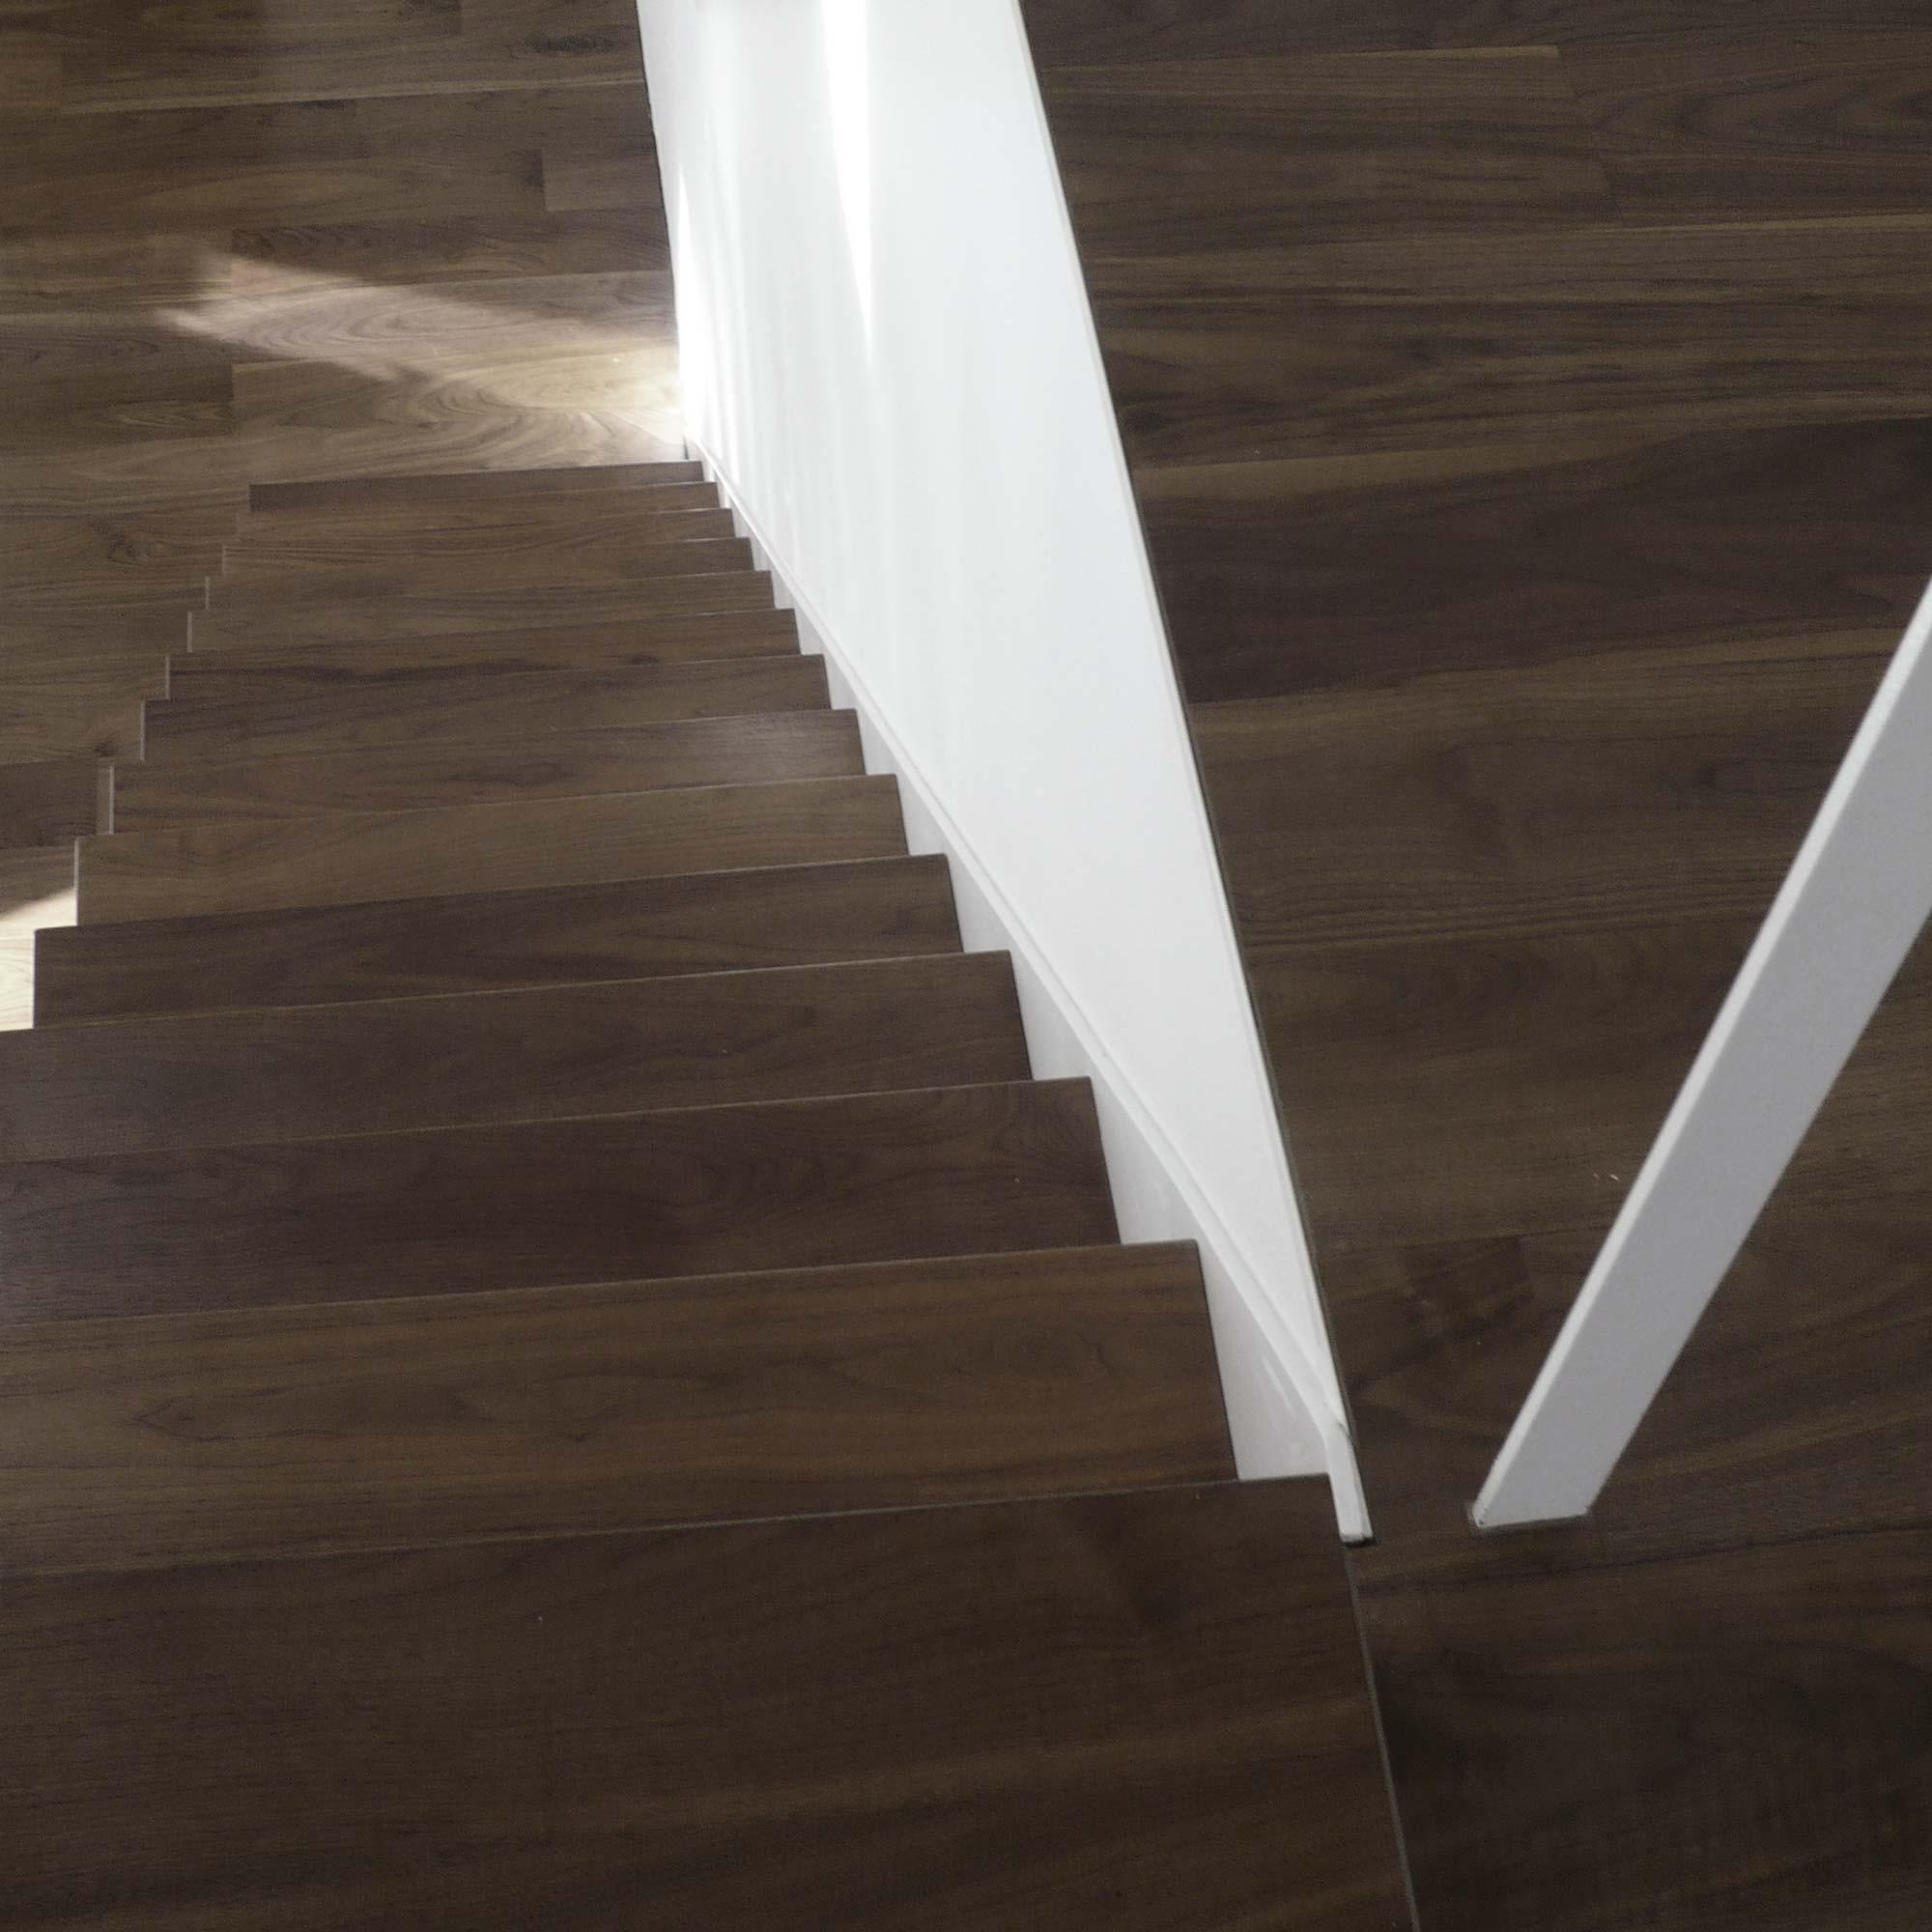 boden-treppenkantenprofile-1-holzland-verbeek